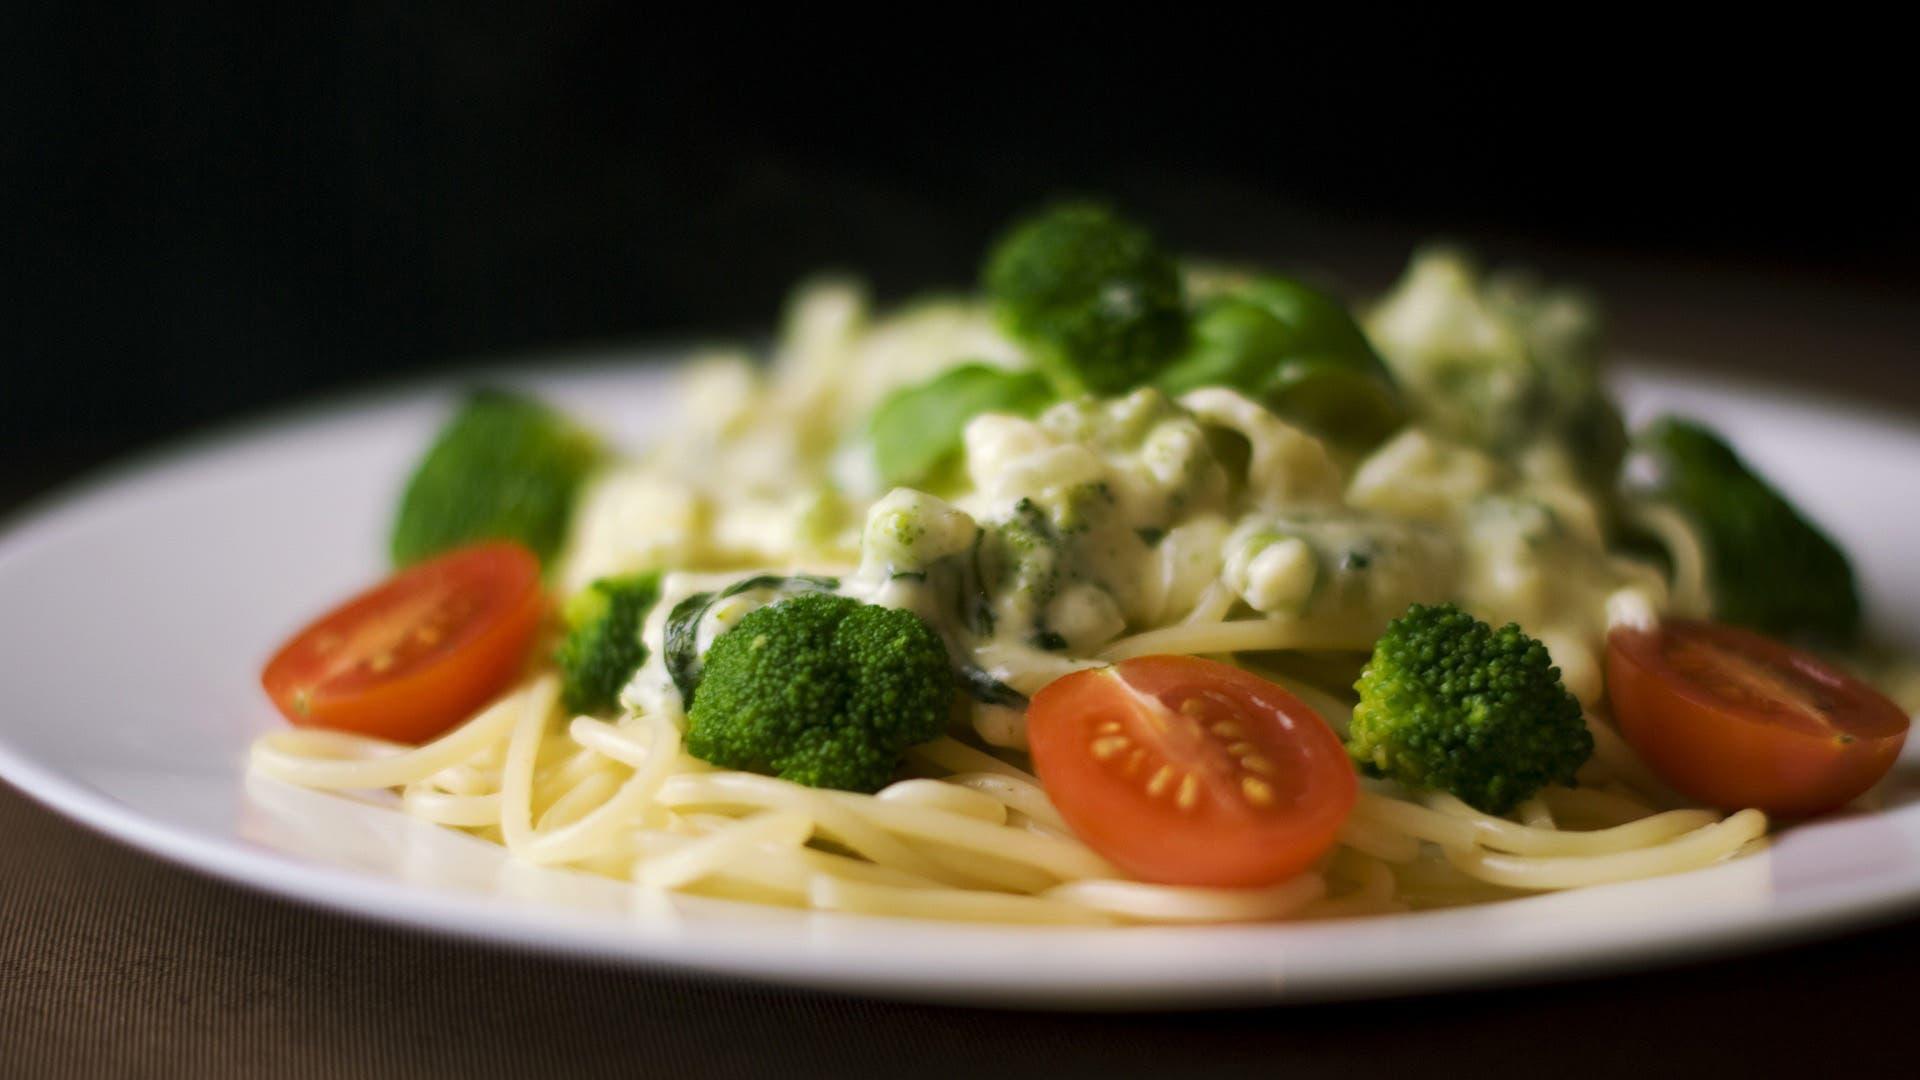 ¿Es saludable comer alimentos por la noche?